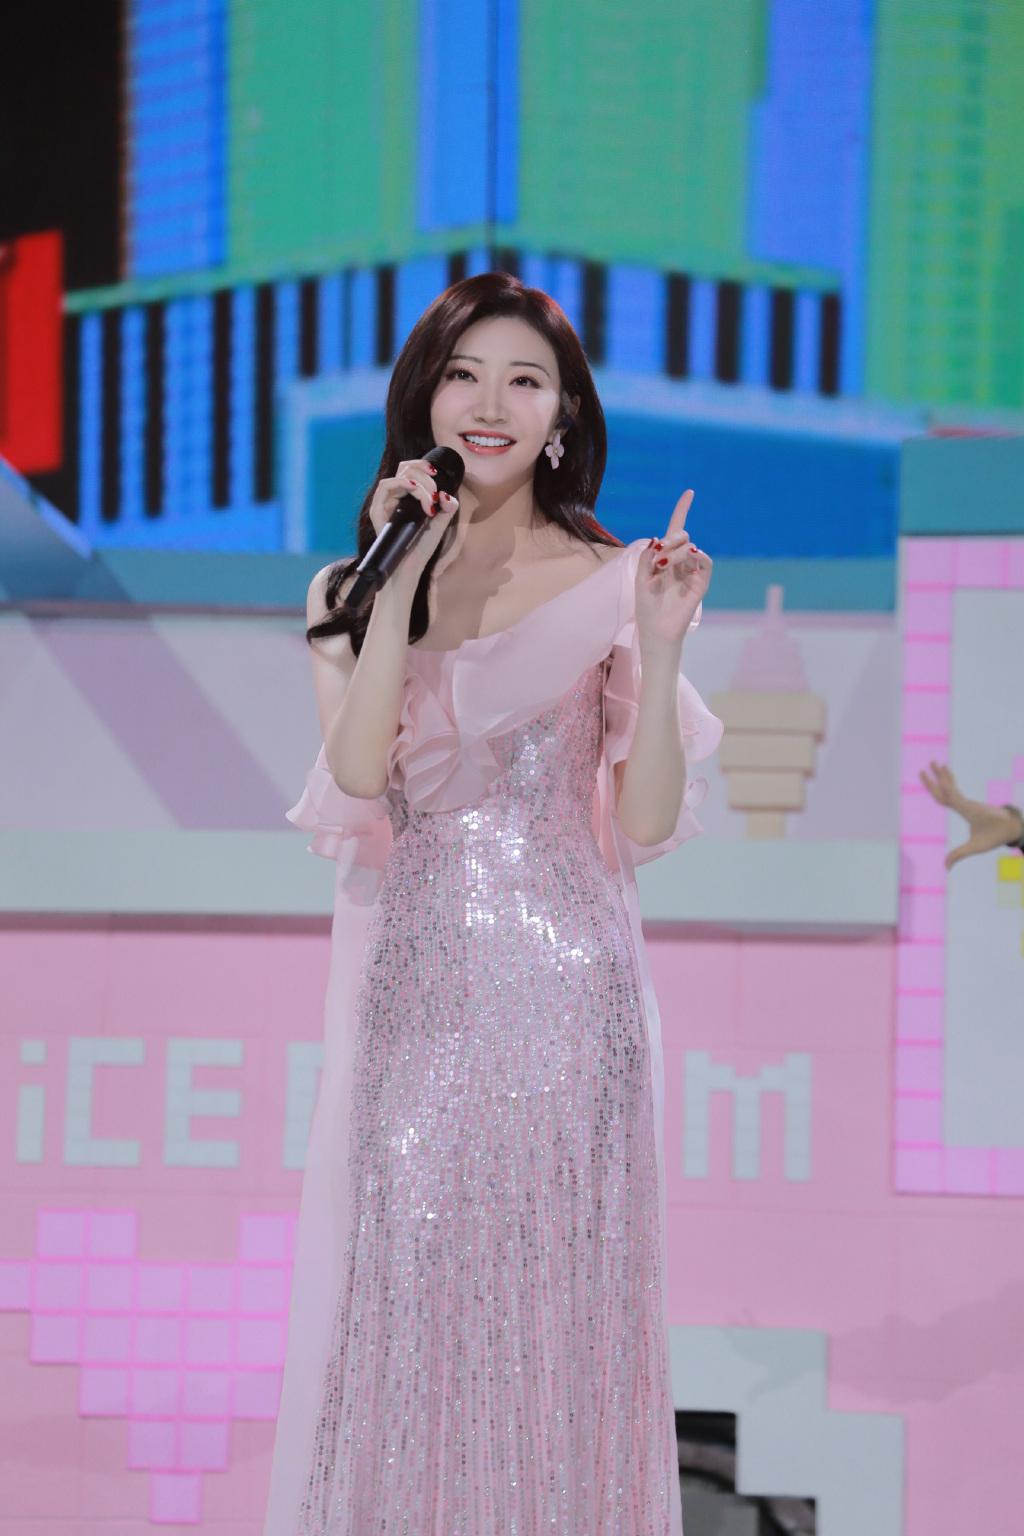 景甜真的人如其名,32岁穿粉色亮片轻纱裙,比动漫少女还要甜